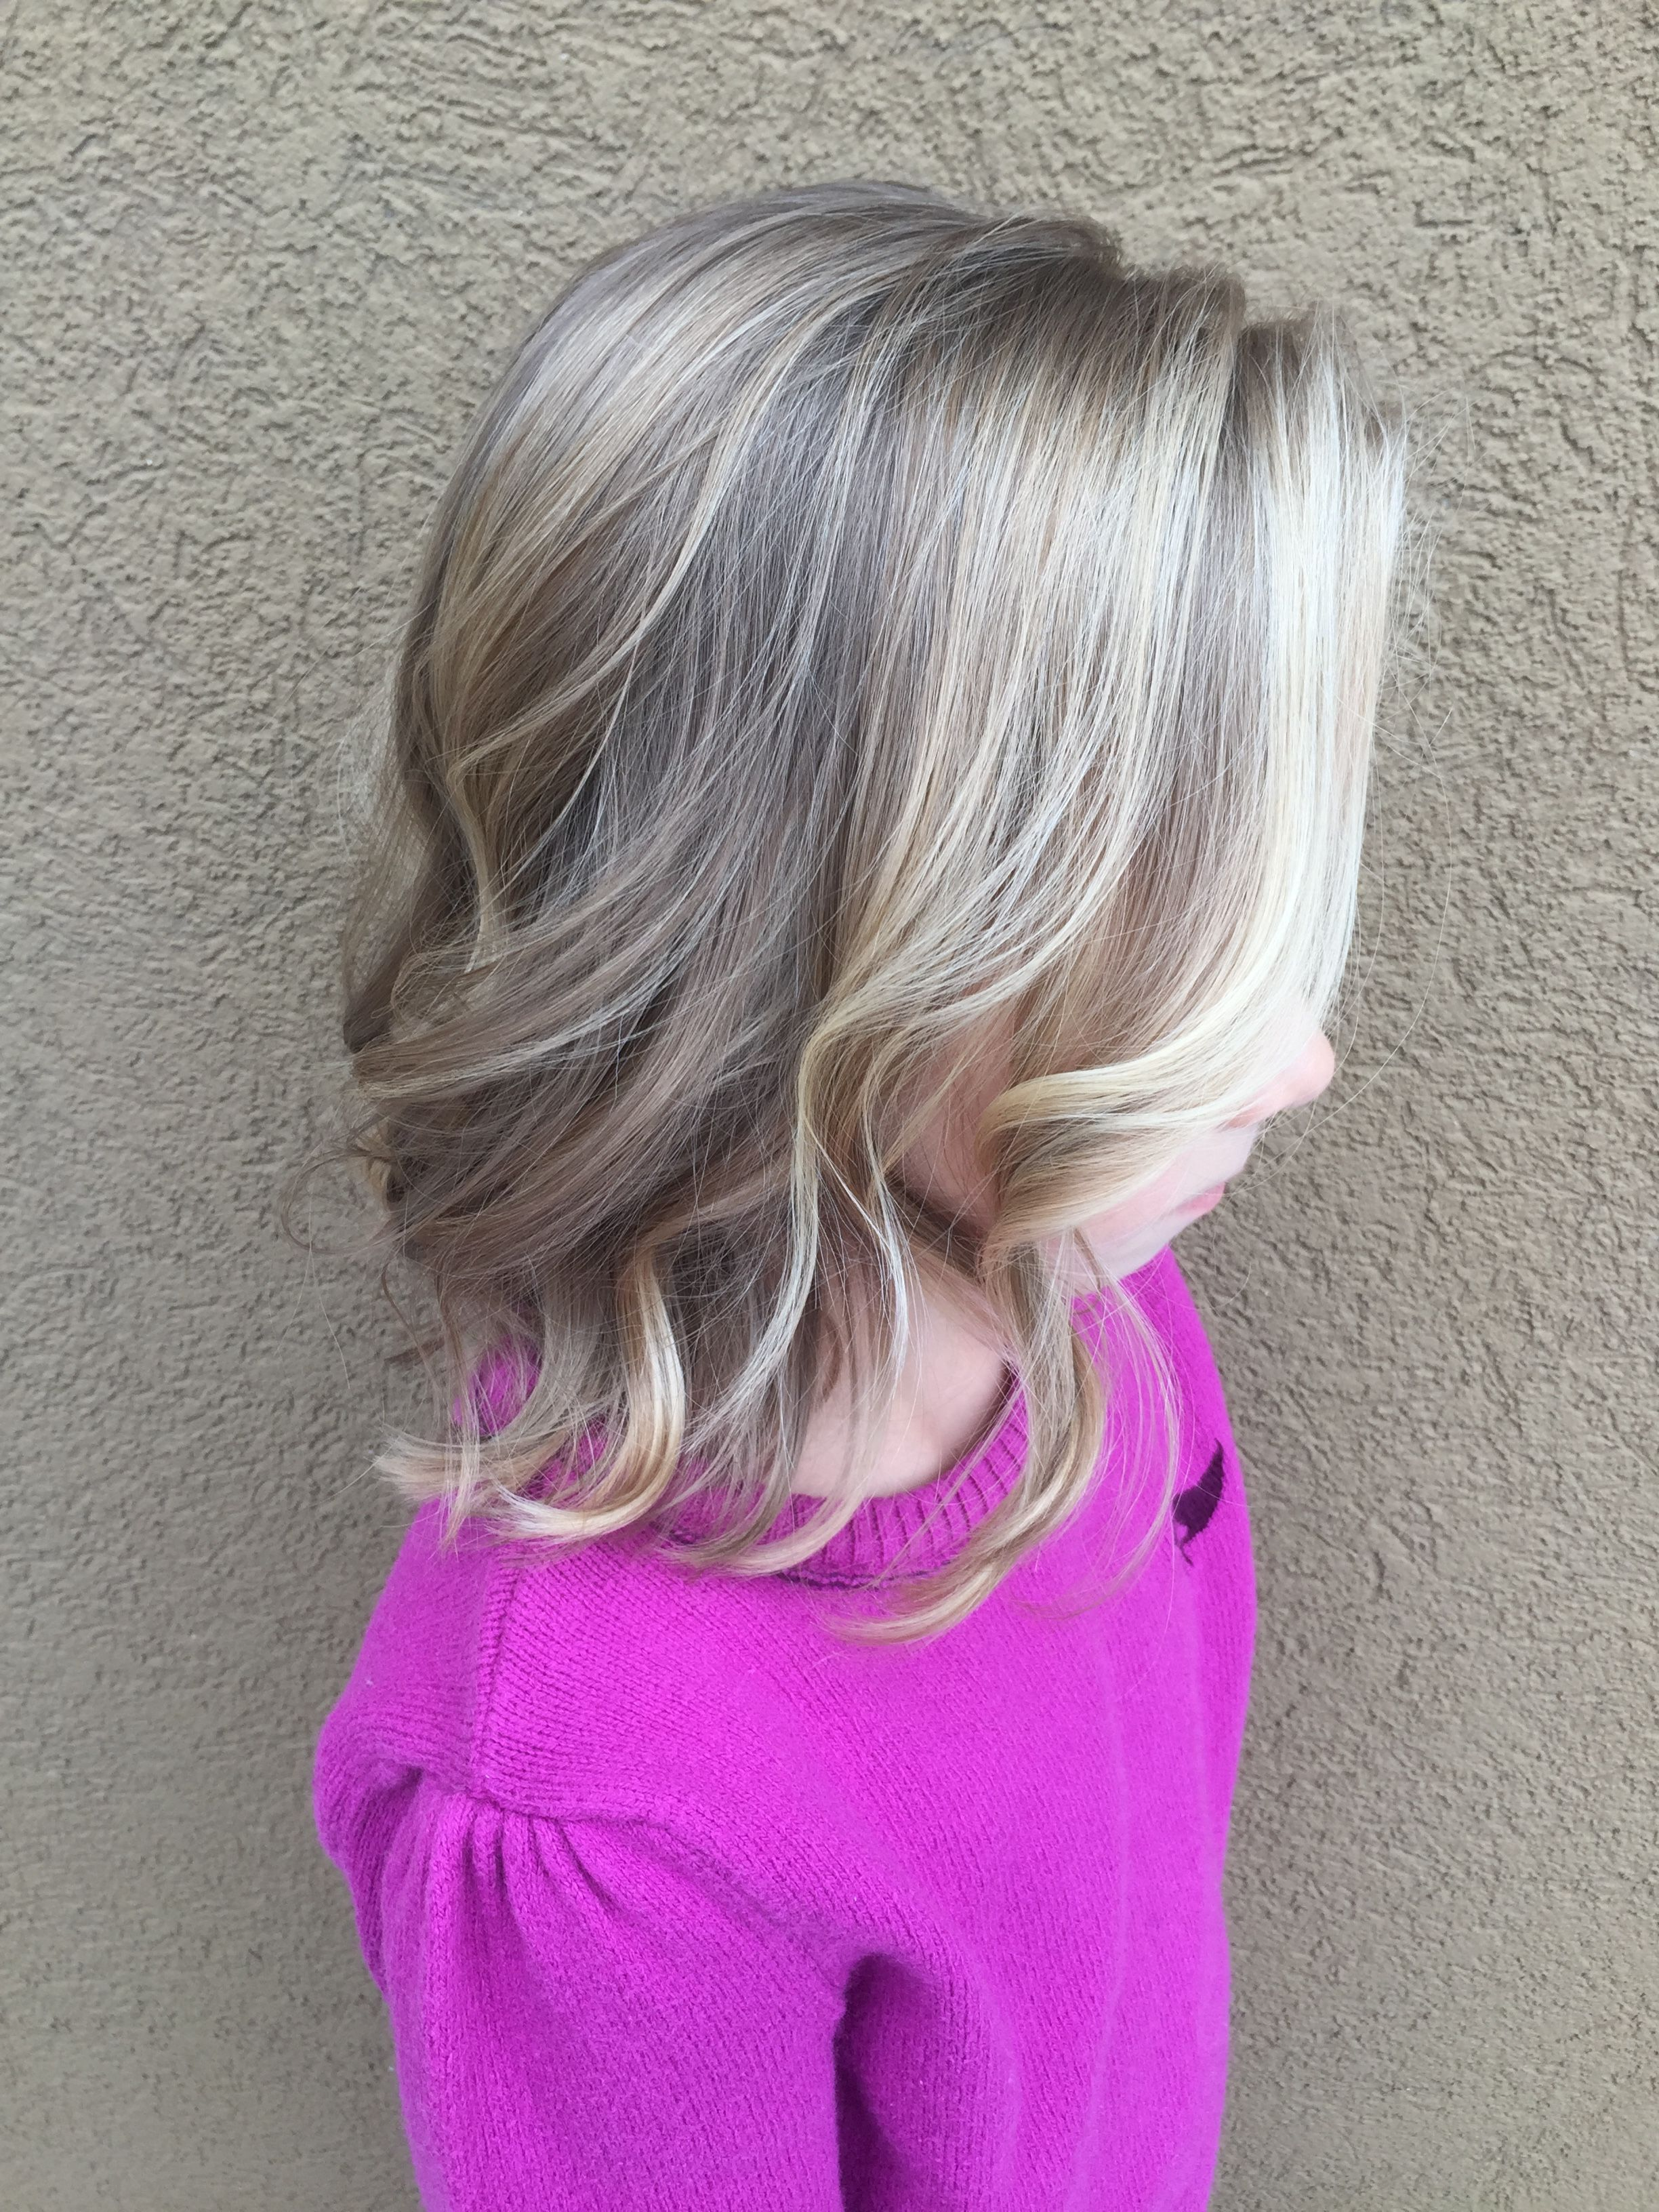 Kids Cut Beauty By Allison Fort Collins Hair Salon Salon Fort